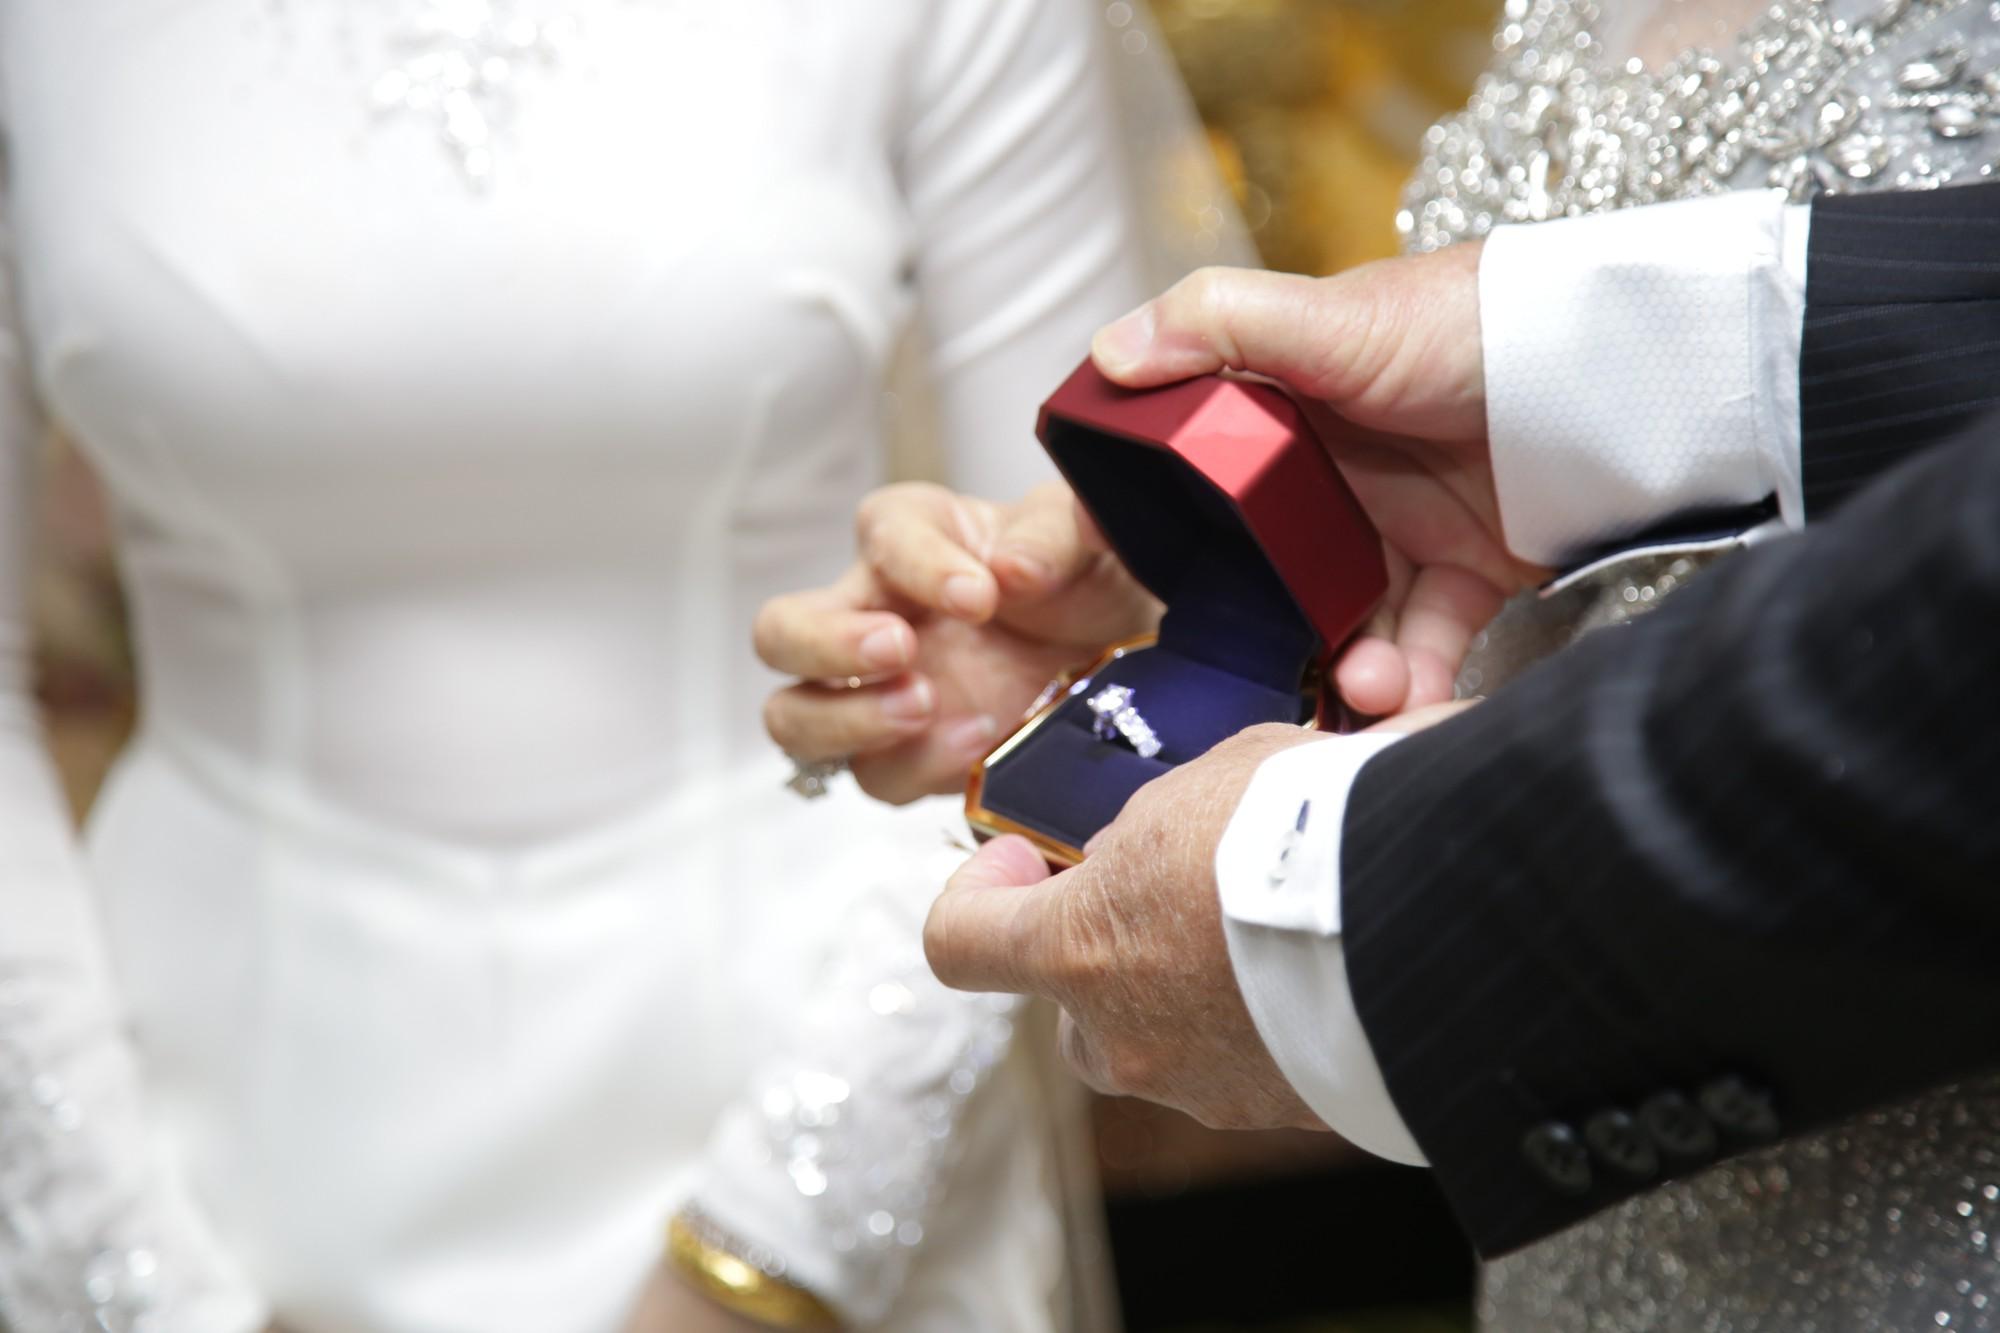 HOT: Toàn cảnh lễ đưa dâu toàn siêu xe hơn 100 tỷ của con gái đại gia Minh Nhựa, quà cưới toàn vàng, kim cương đeo đỏ tay-25